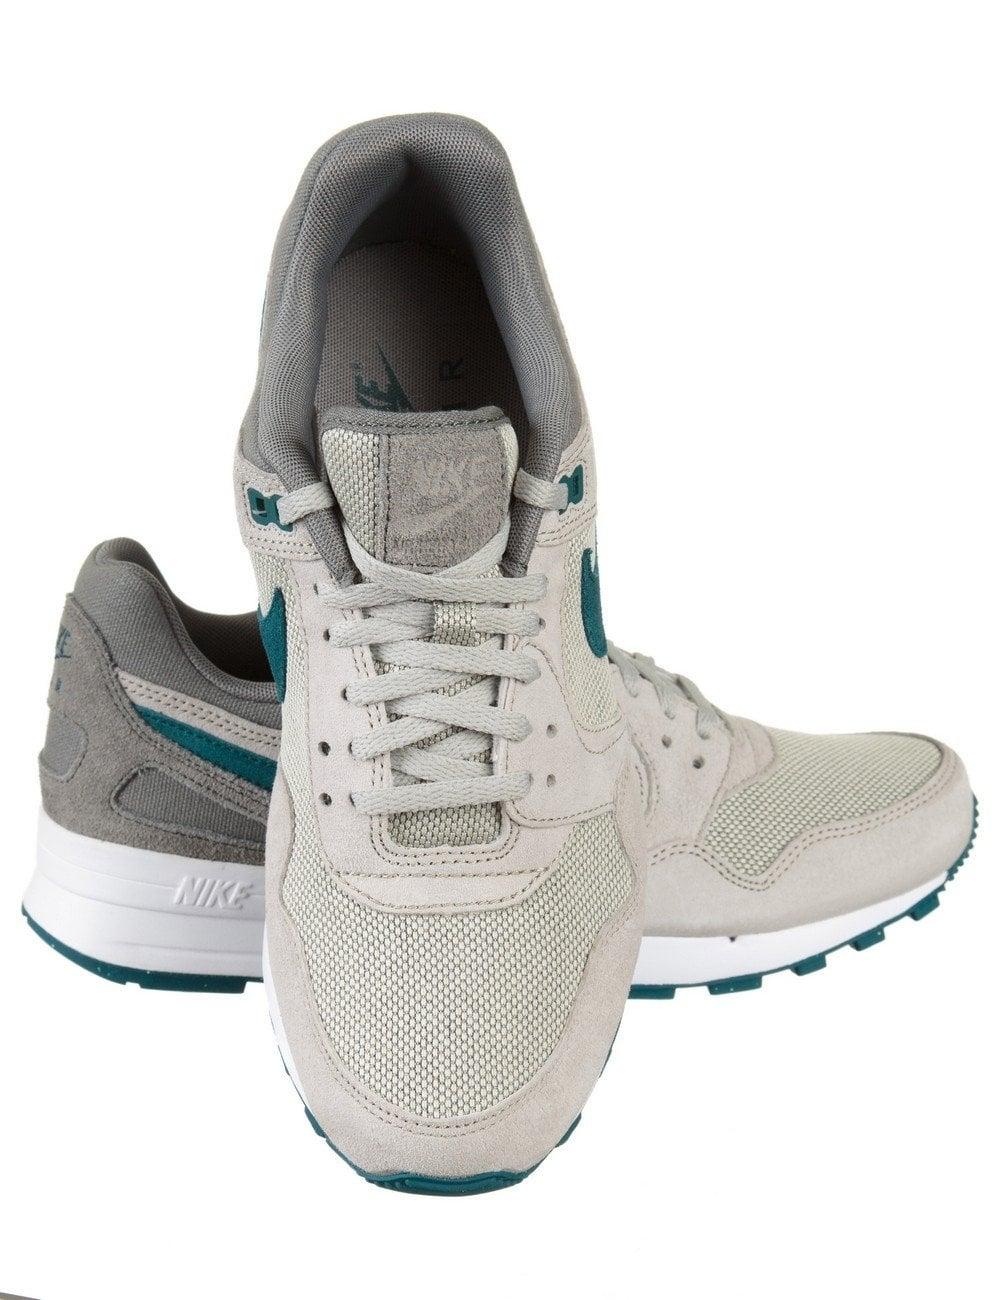 9835b04d4bb95 Nike Air Pegasus 89 Shoes - Lunar Grey Teal - Footwear from Fat ...